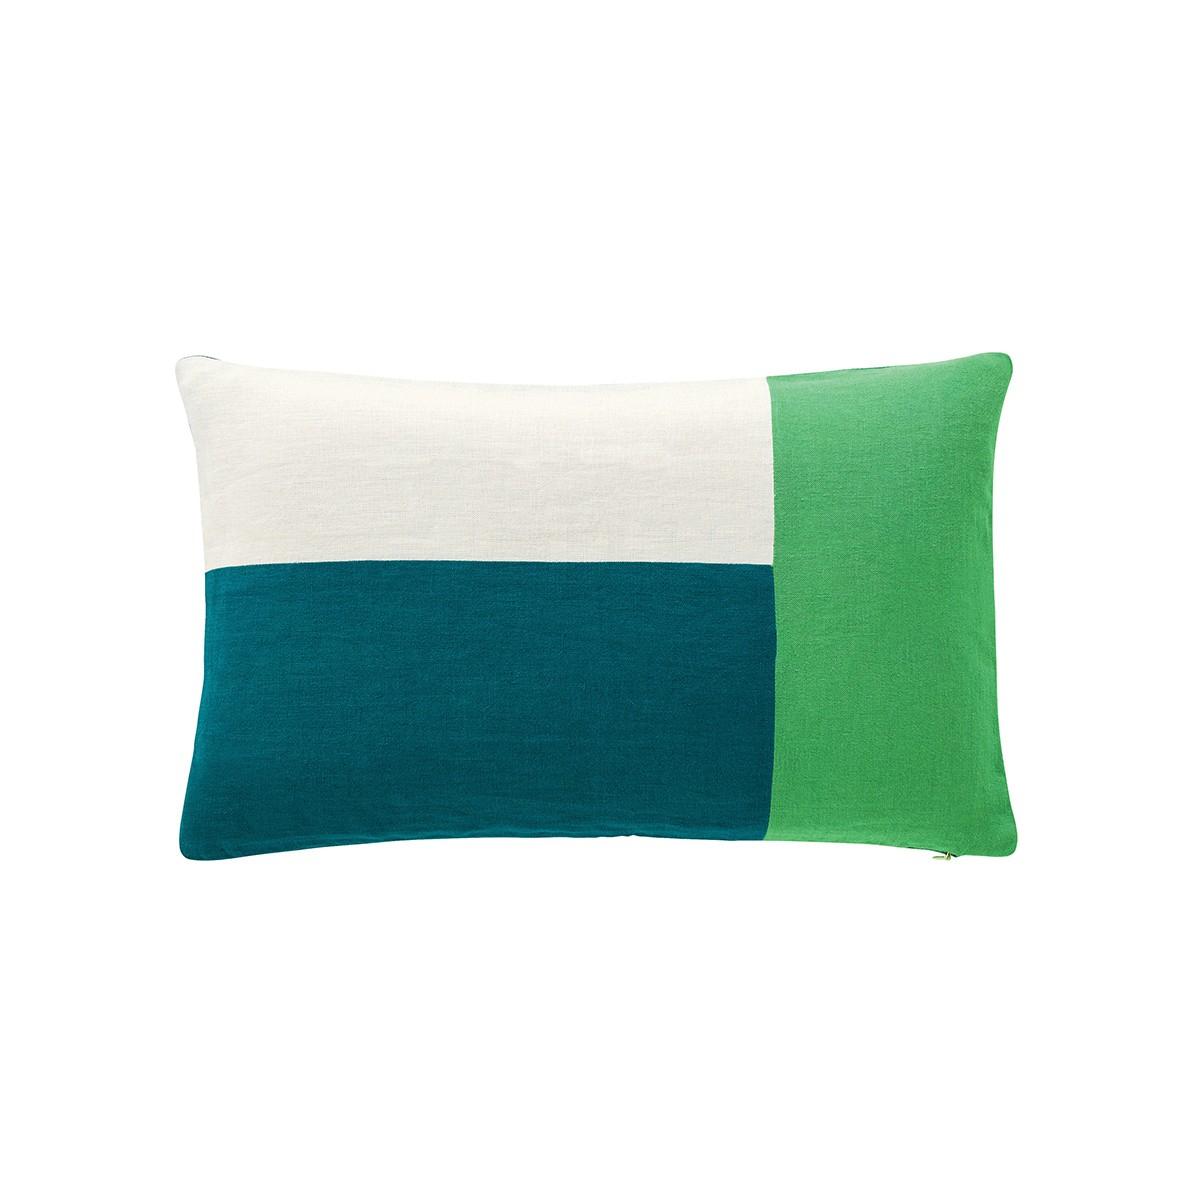 Coussin Maison Sarah Lavoine Bleu/vert Vert - Coussins Furniture à Coussin Bleu Vert